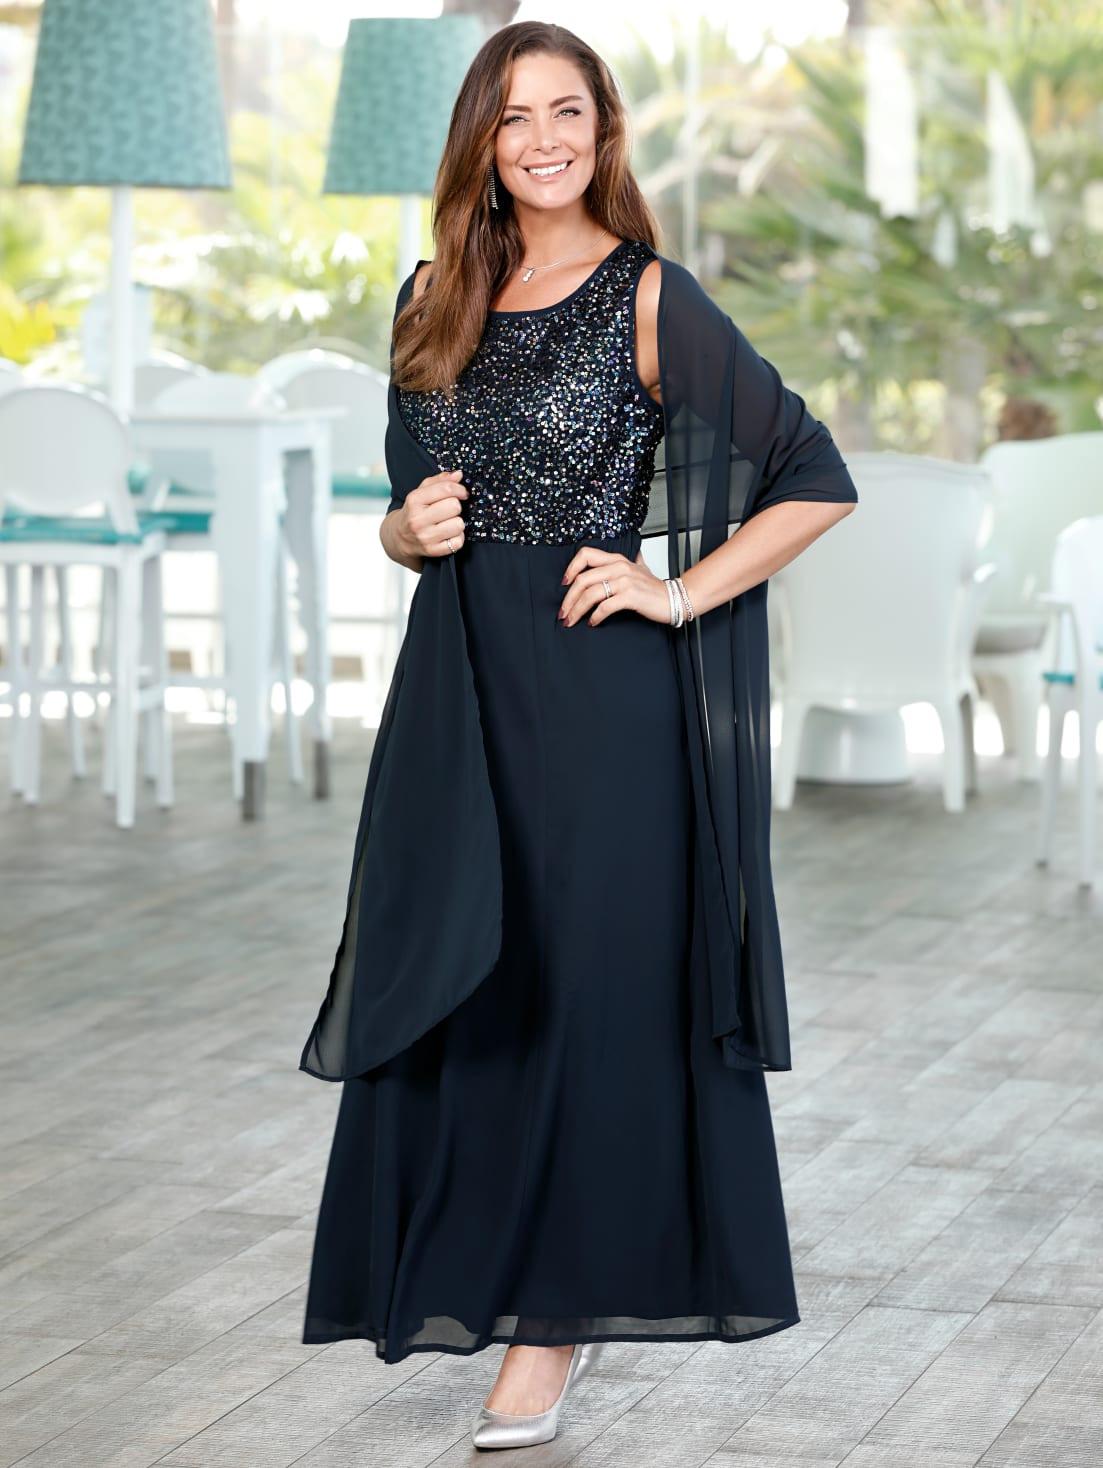 18 Leicht Klingel Abend Kleid Ärmel - Abendkleid